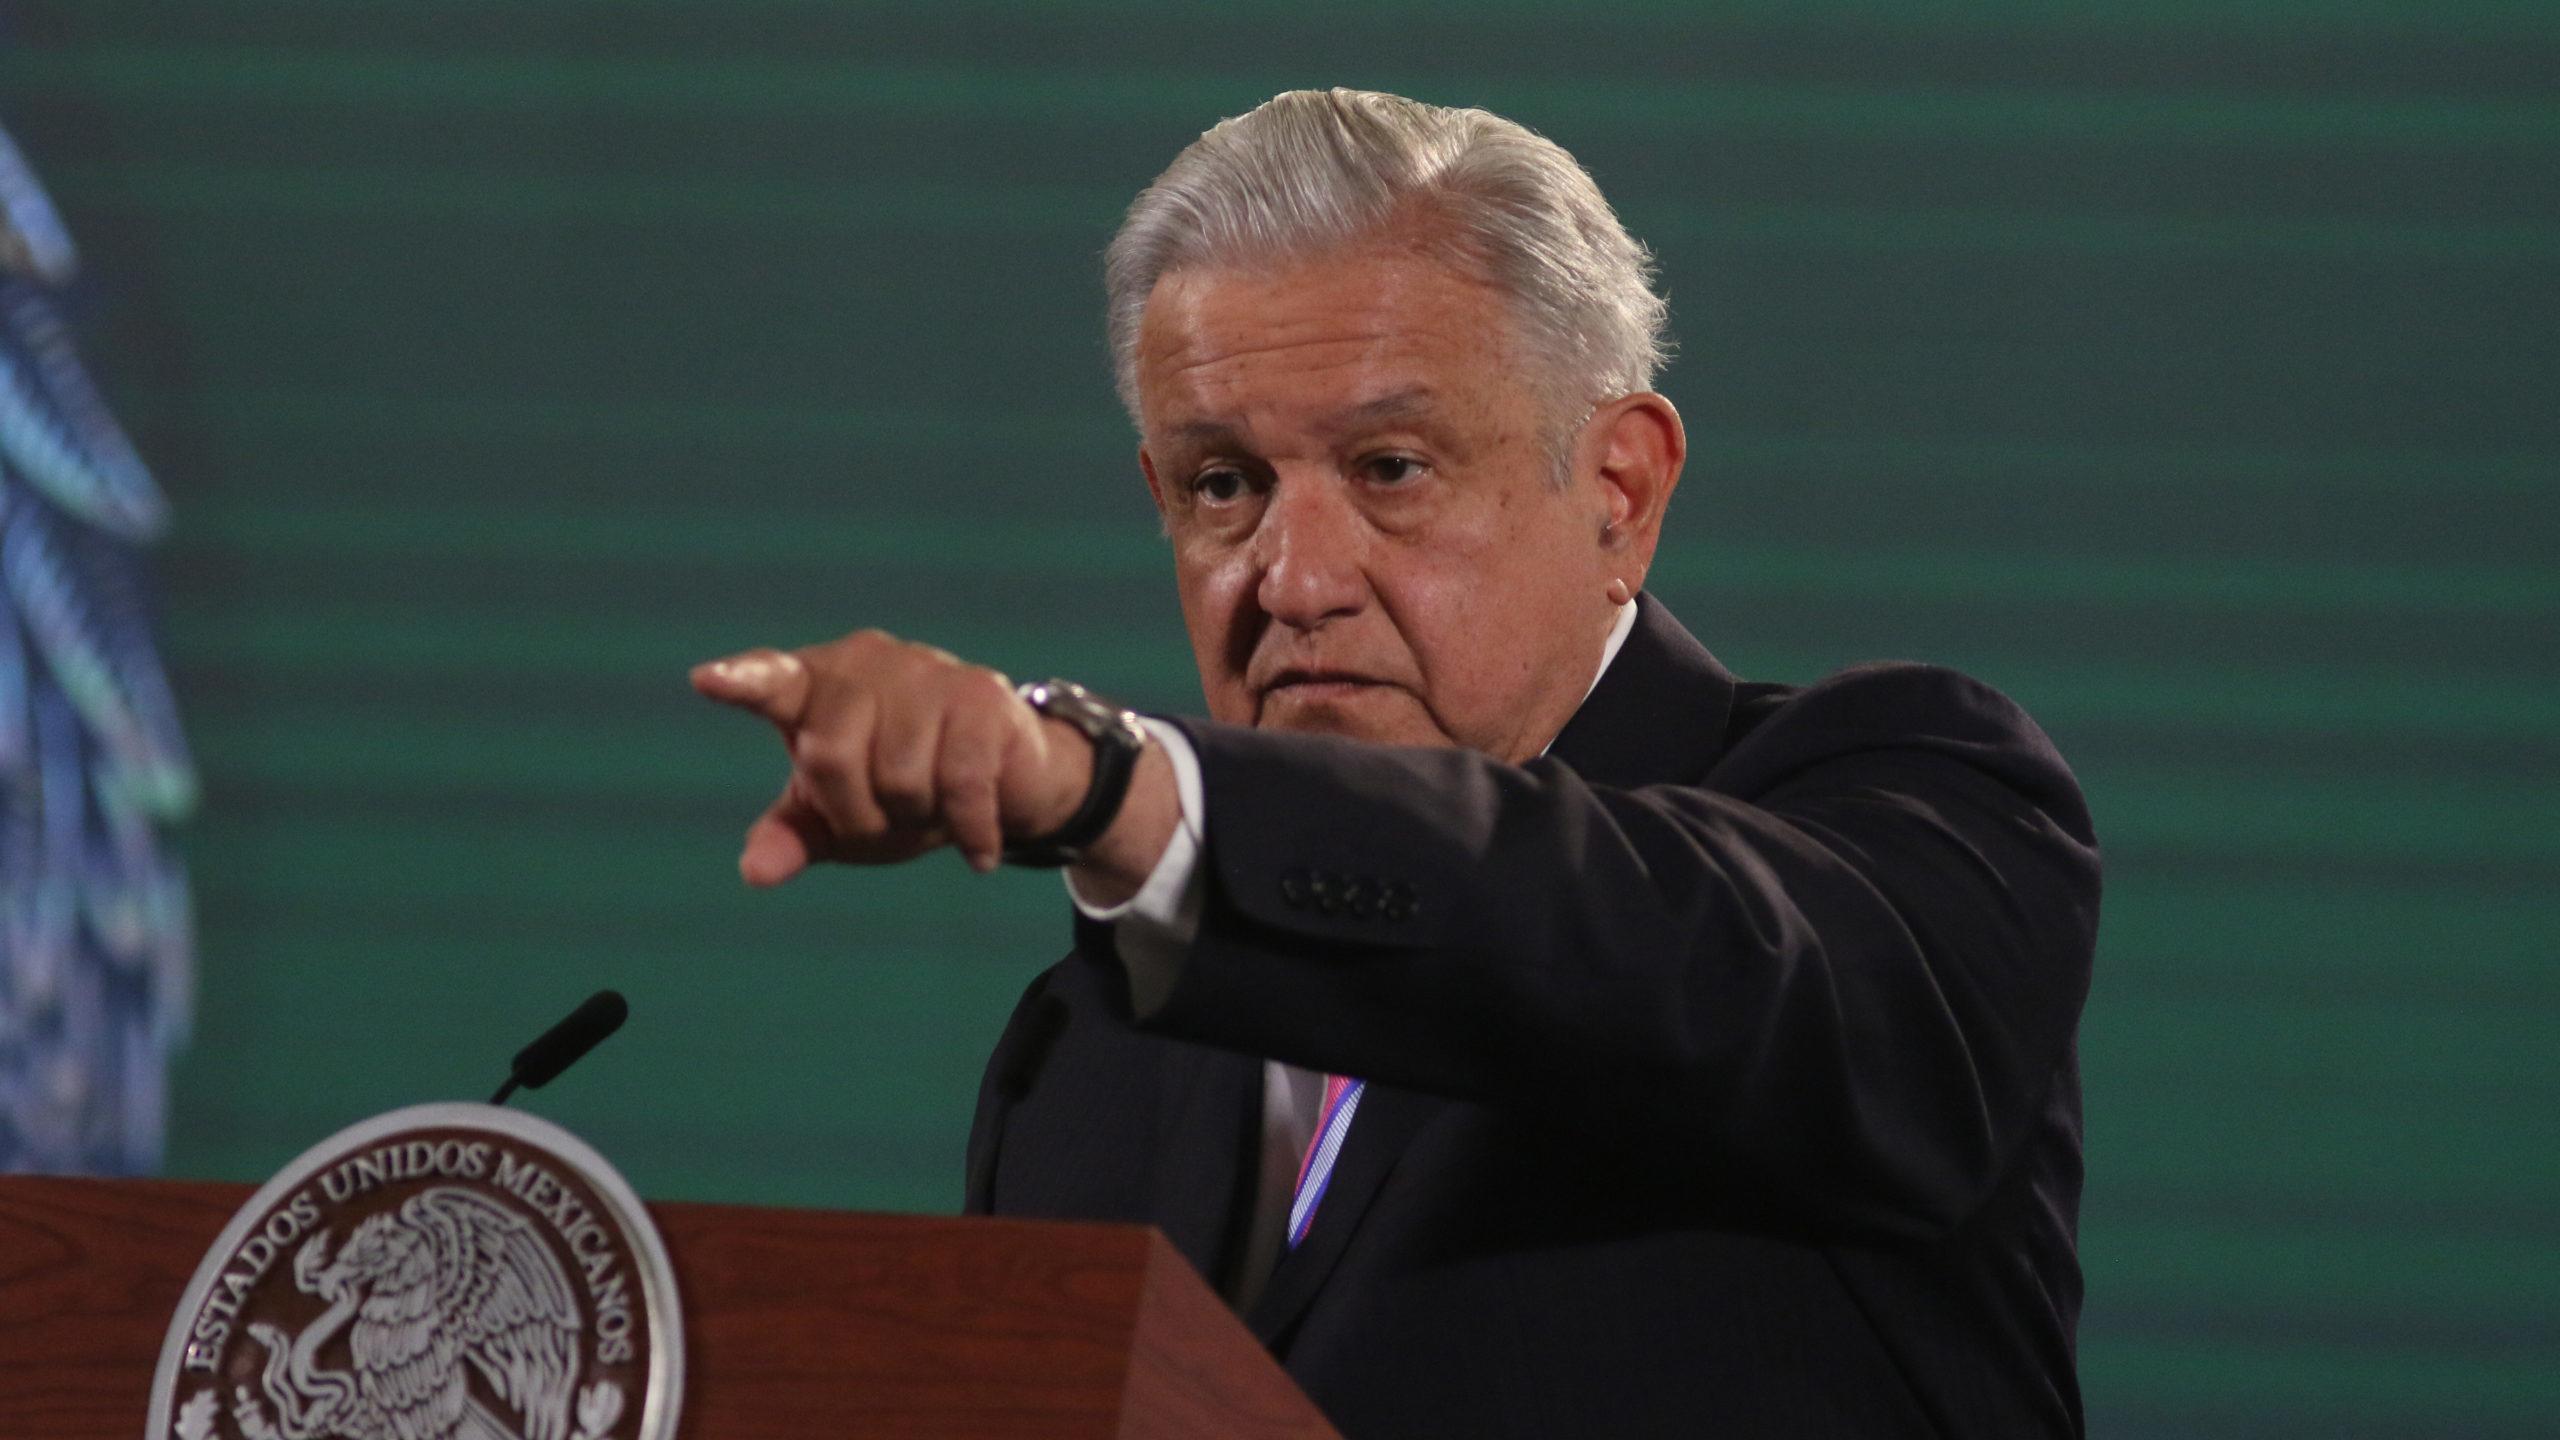 Quitan diputados a Morena y AMLO advierte reforma electoral tajante